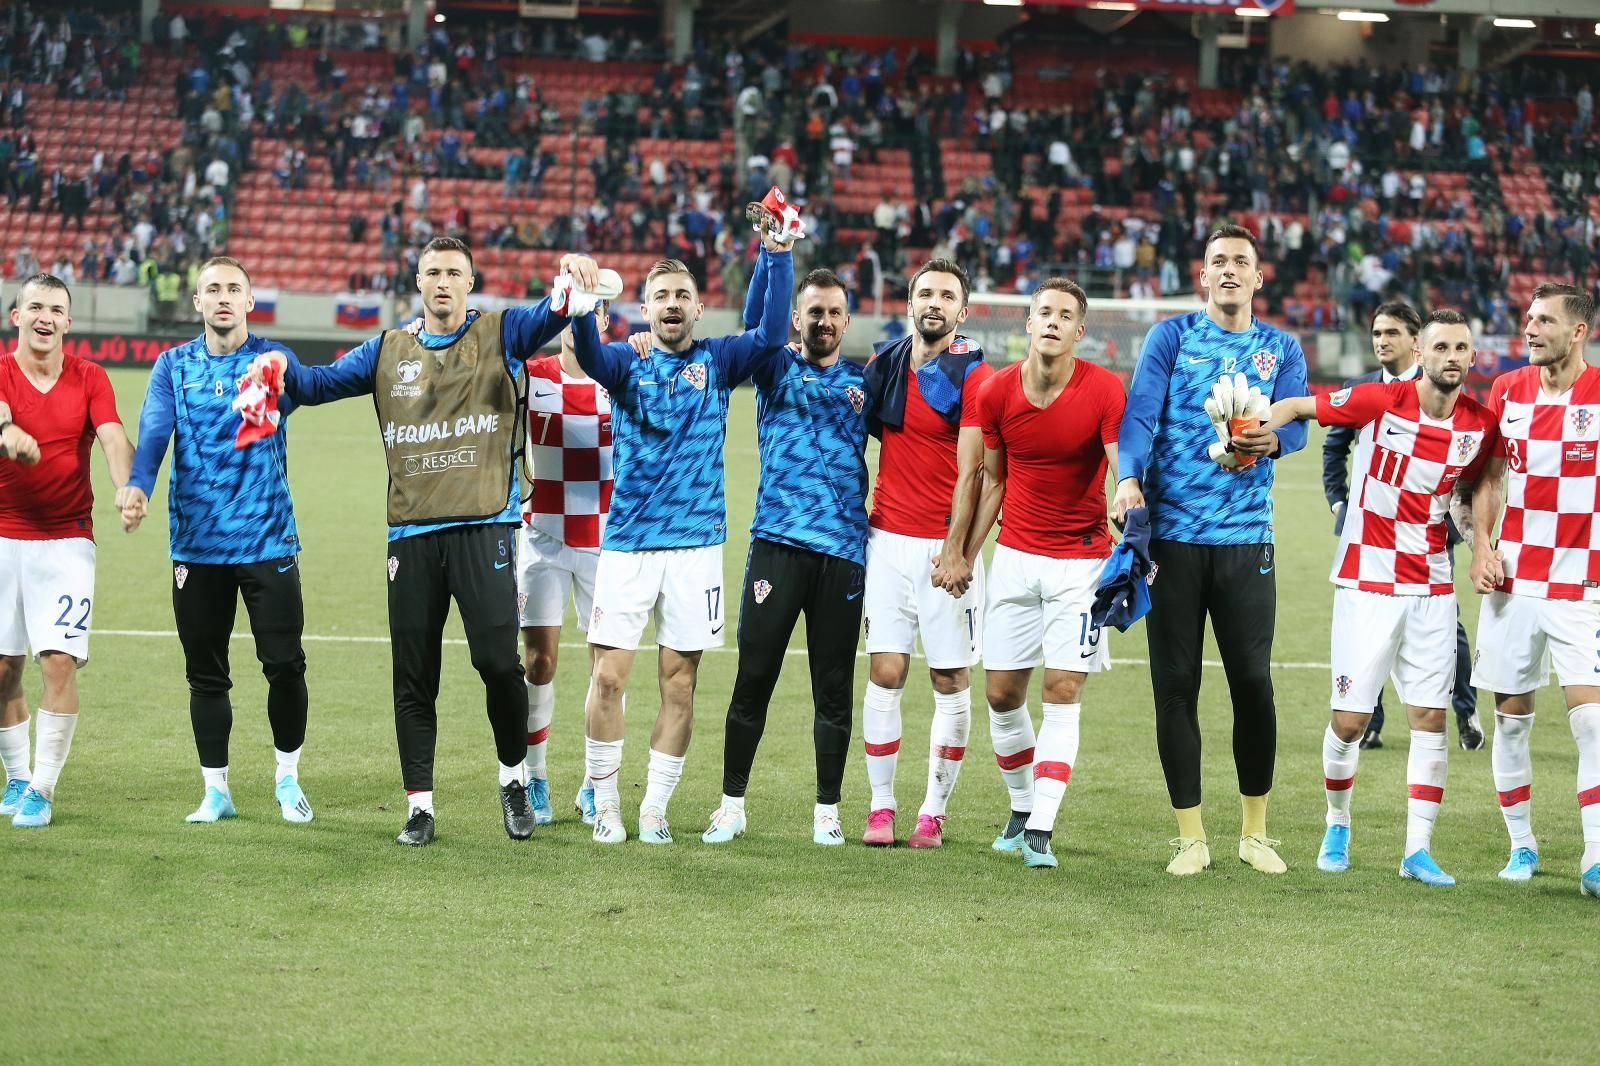 Trnava: Slavlje reprezentativaca nakon što su pobijedili Slovačku 4:0